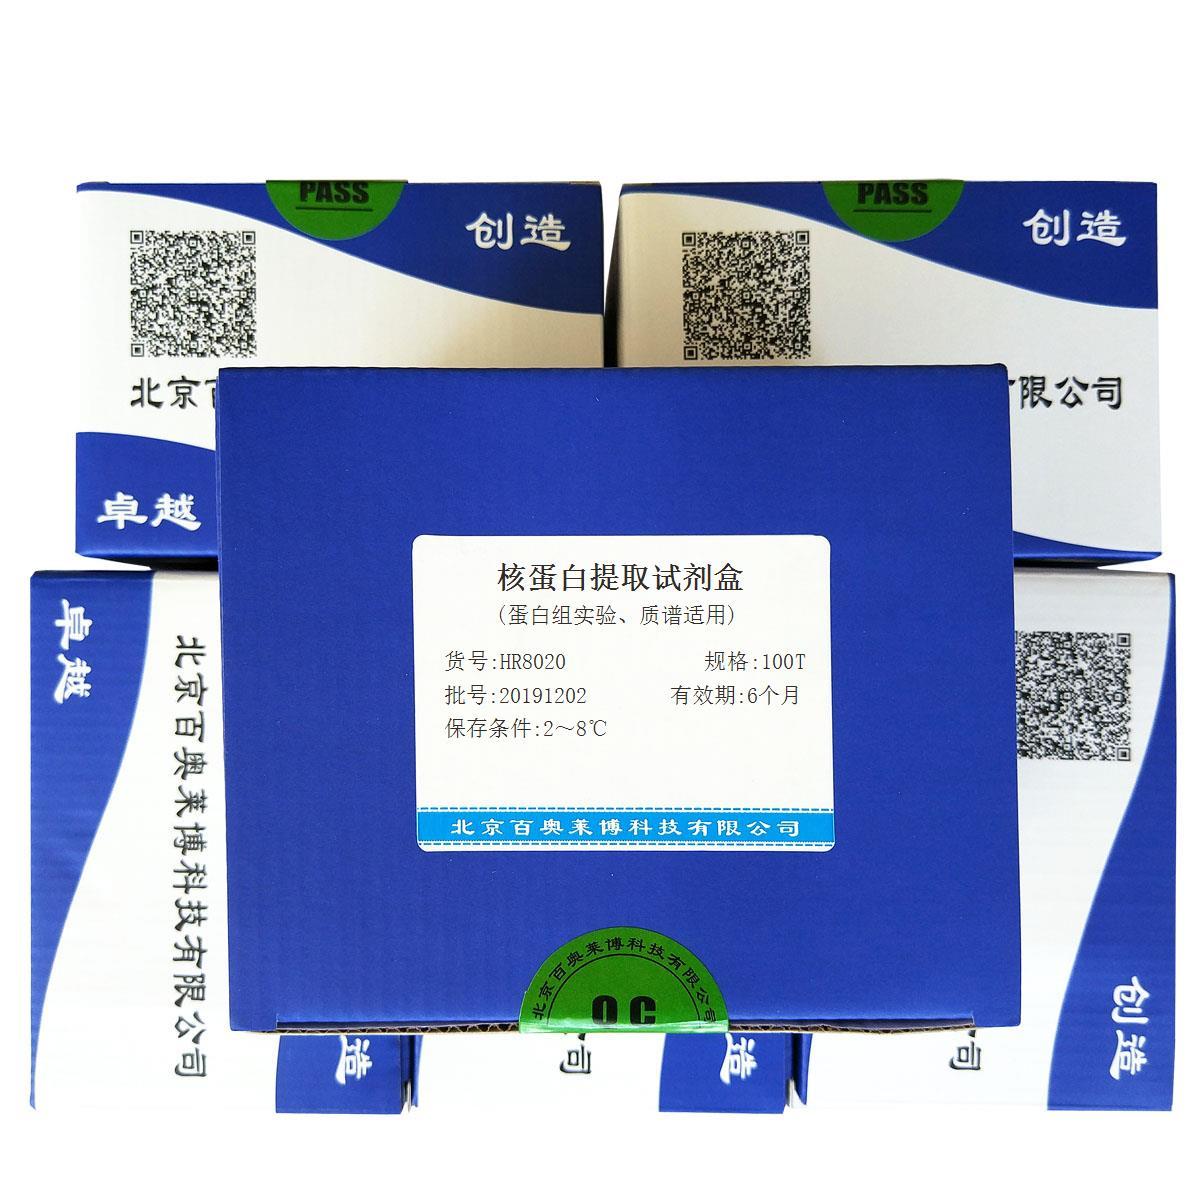 核蛋白提取试剂盒(蛋白组实验、质谱适用)